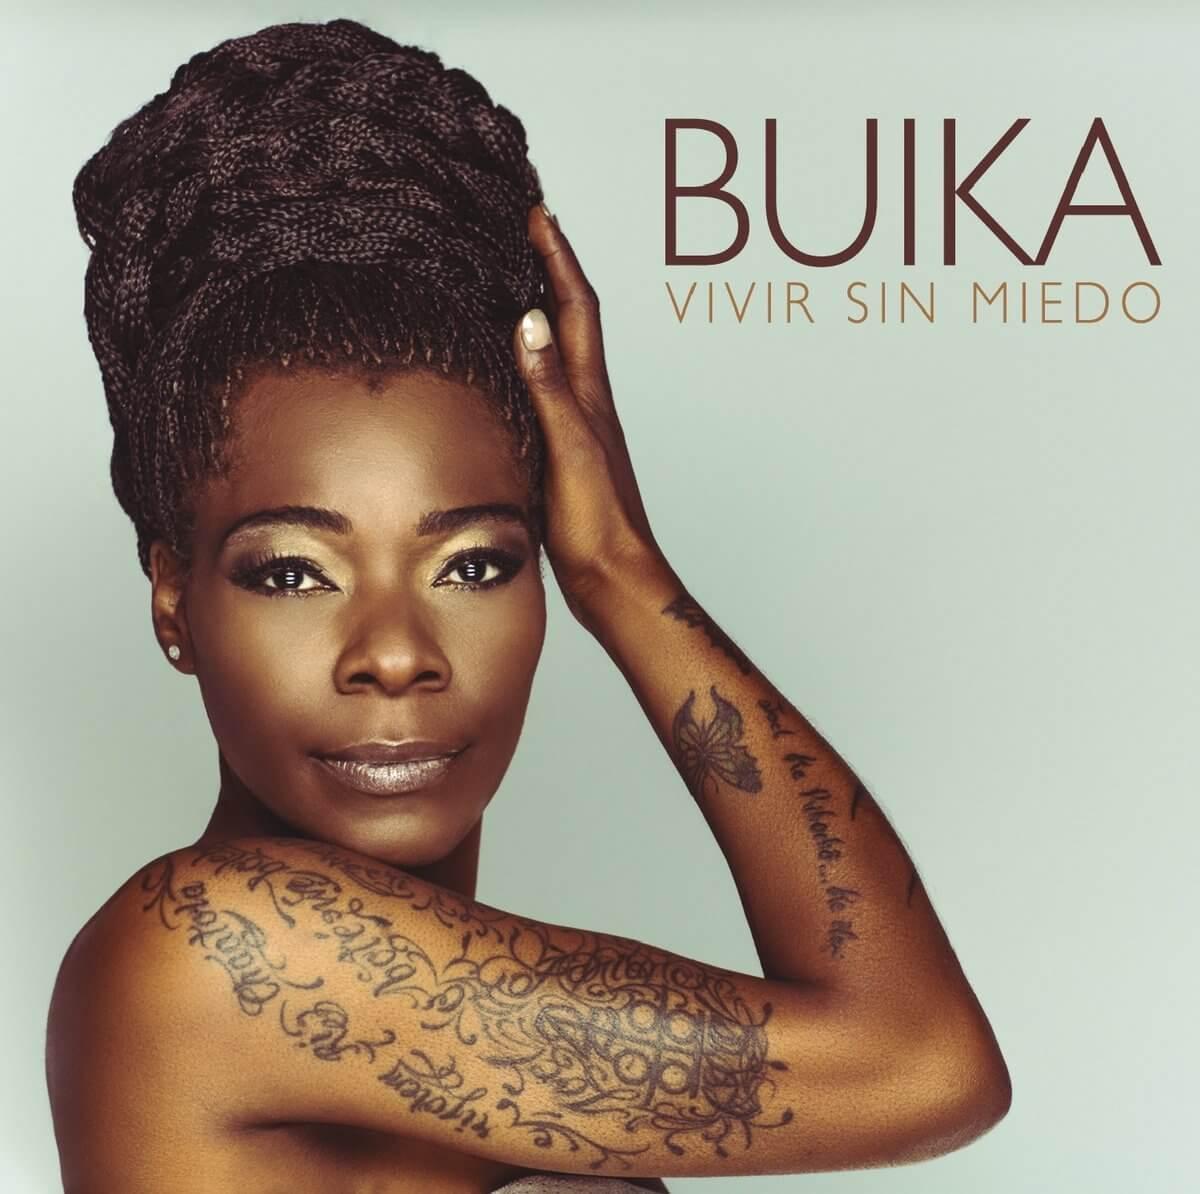 Buika verbindet auf